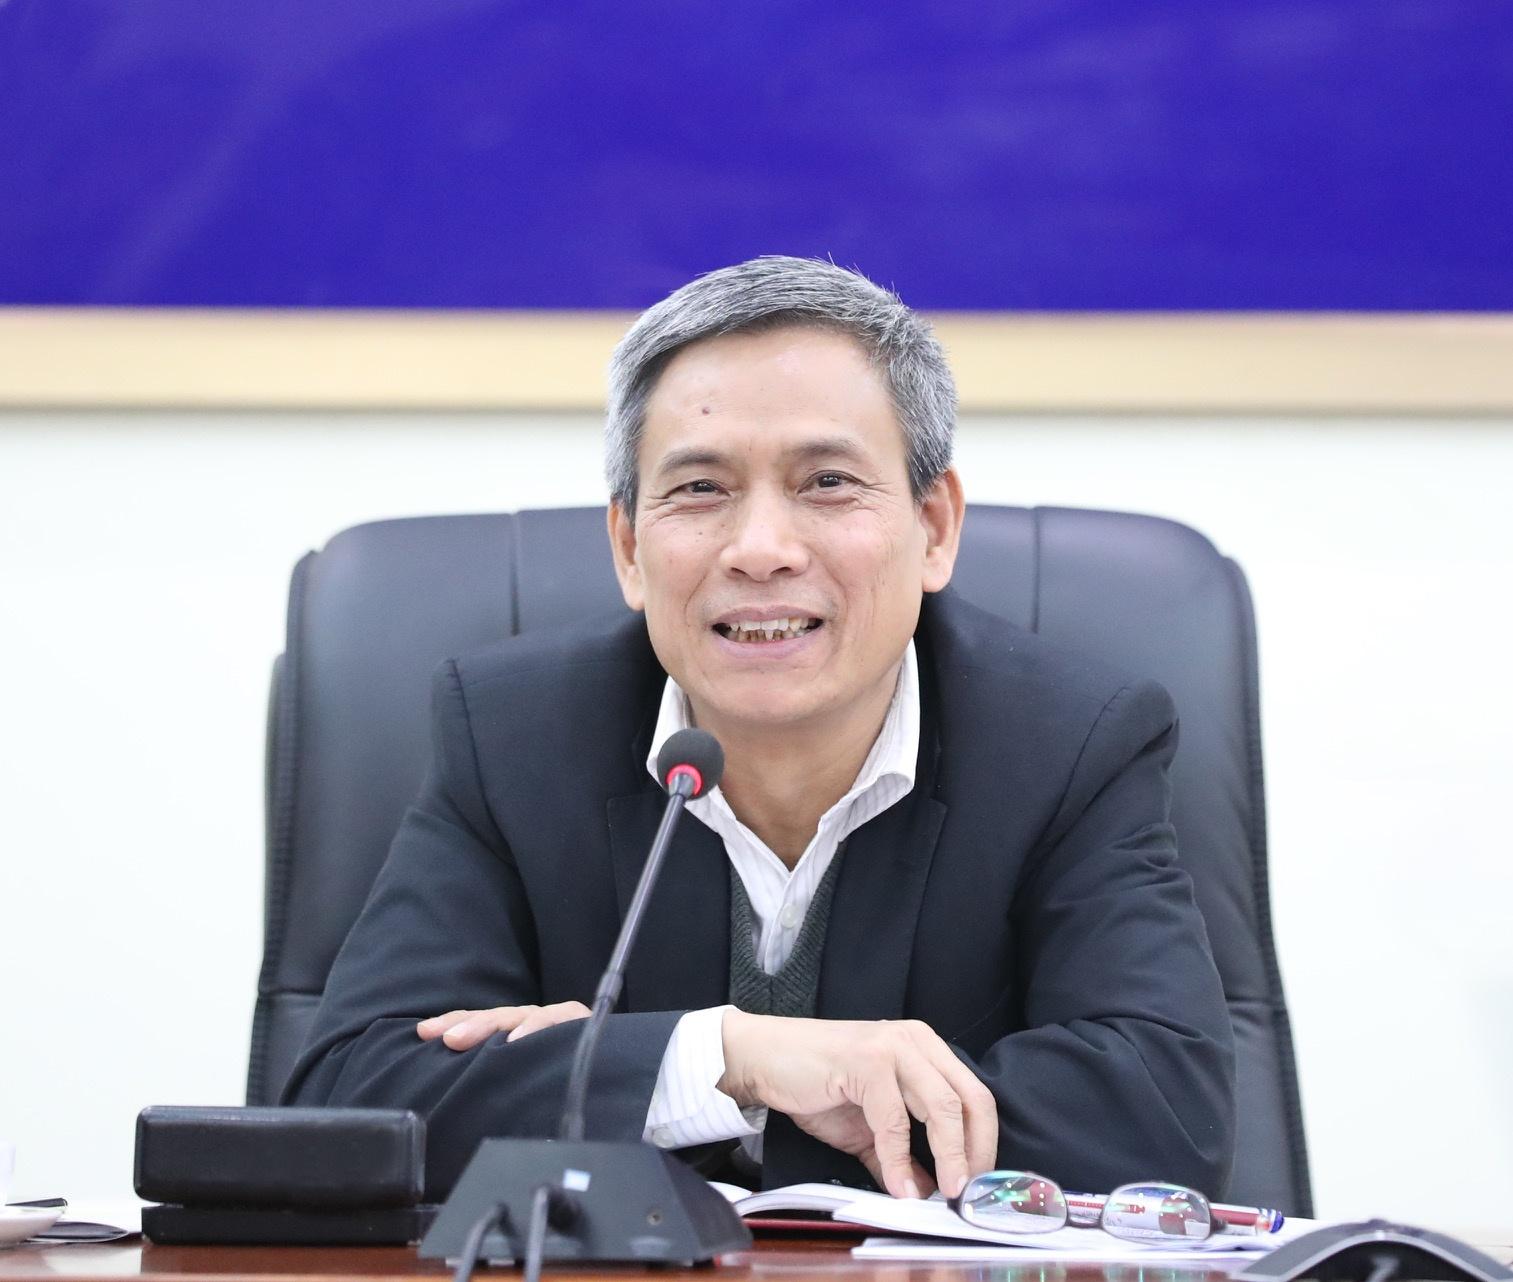 tong thu ky hiep hoi ngan hang tang cuong cho vay ho tro doanh nghiep song van phai dam bao an toan he thong